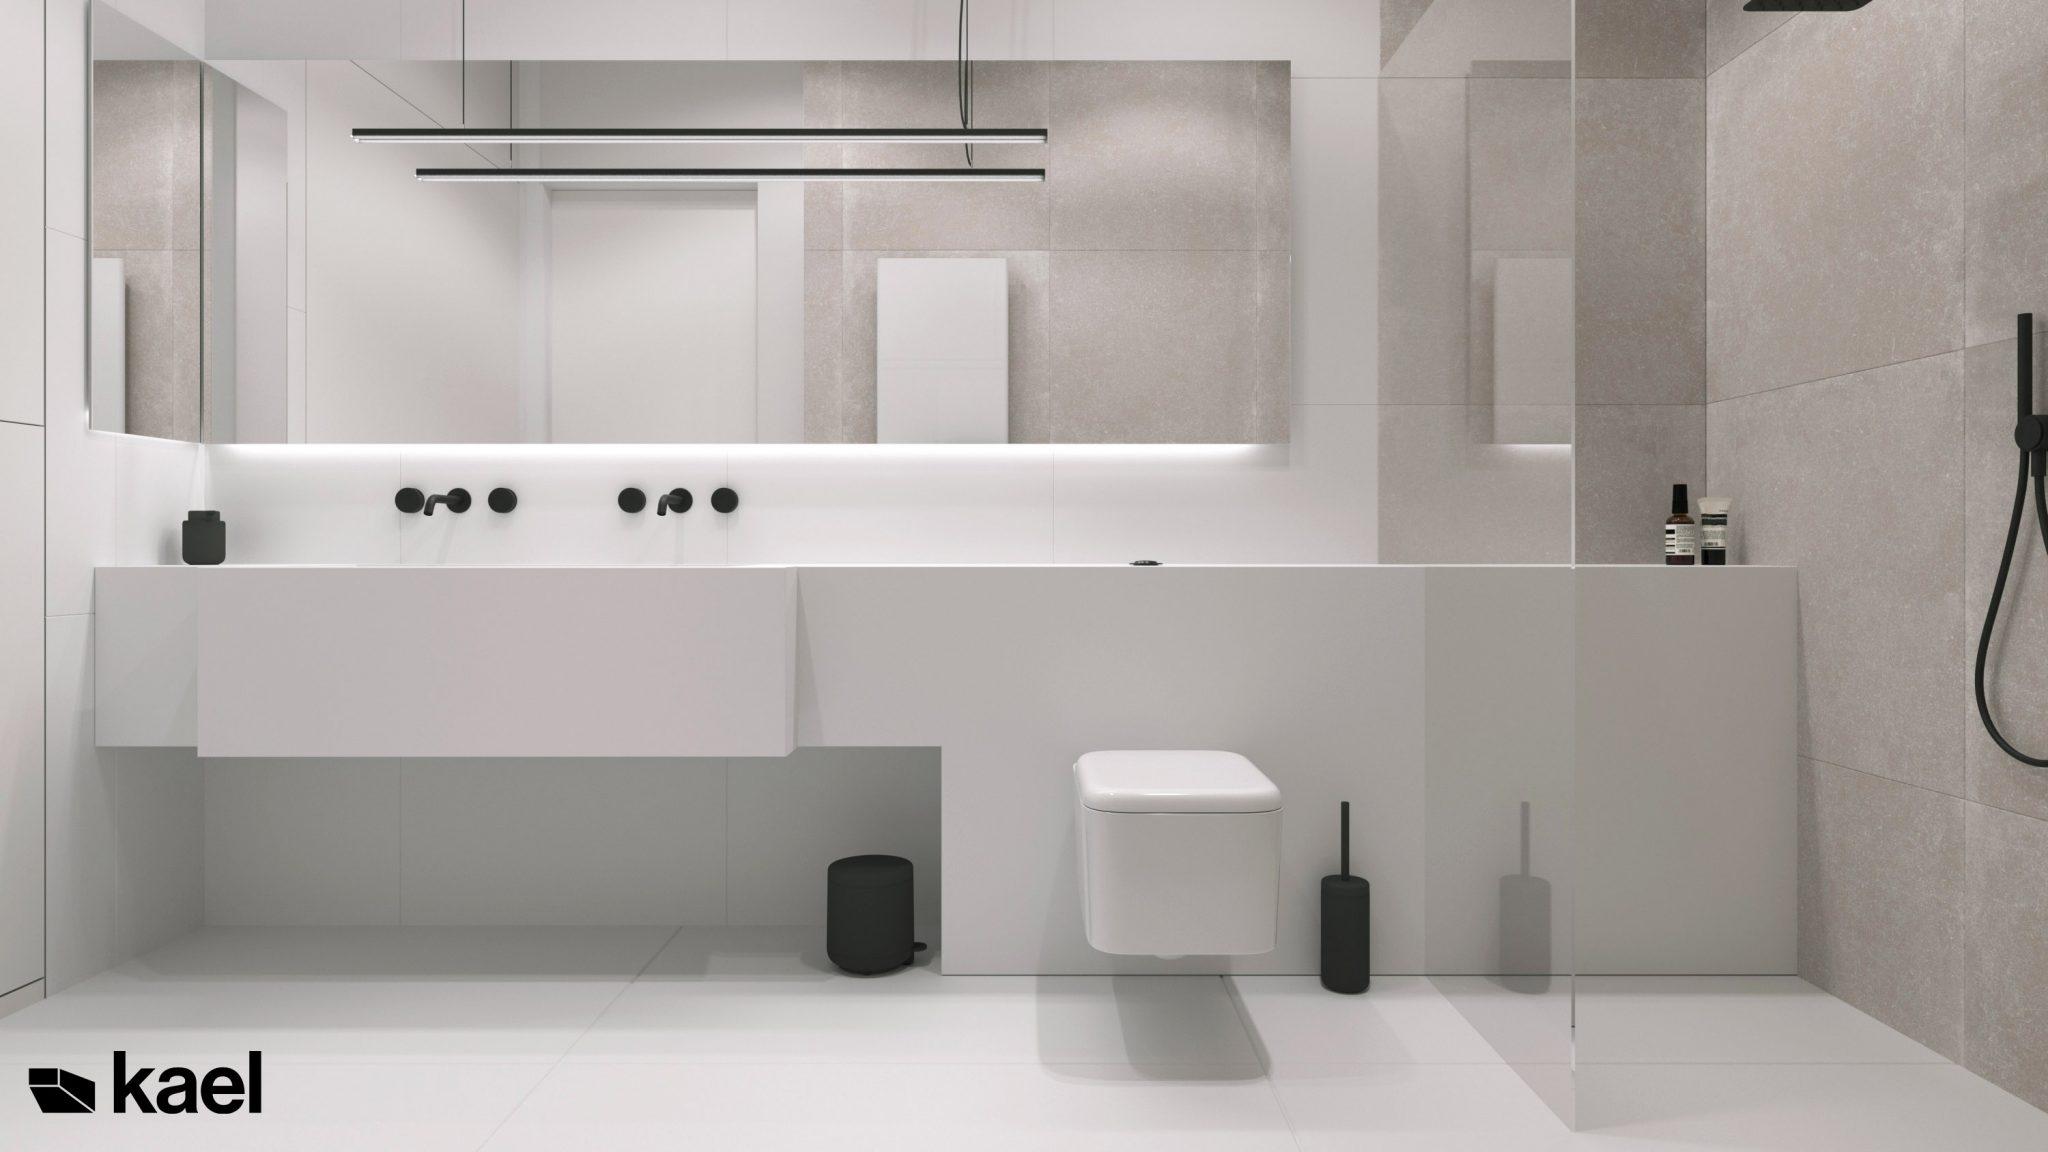 Kael łazienka w projekcie Wielicka